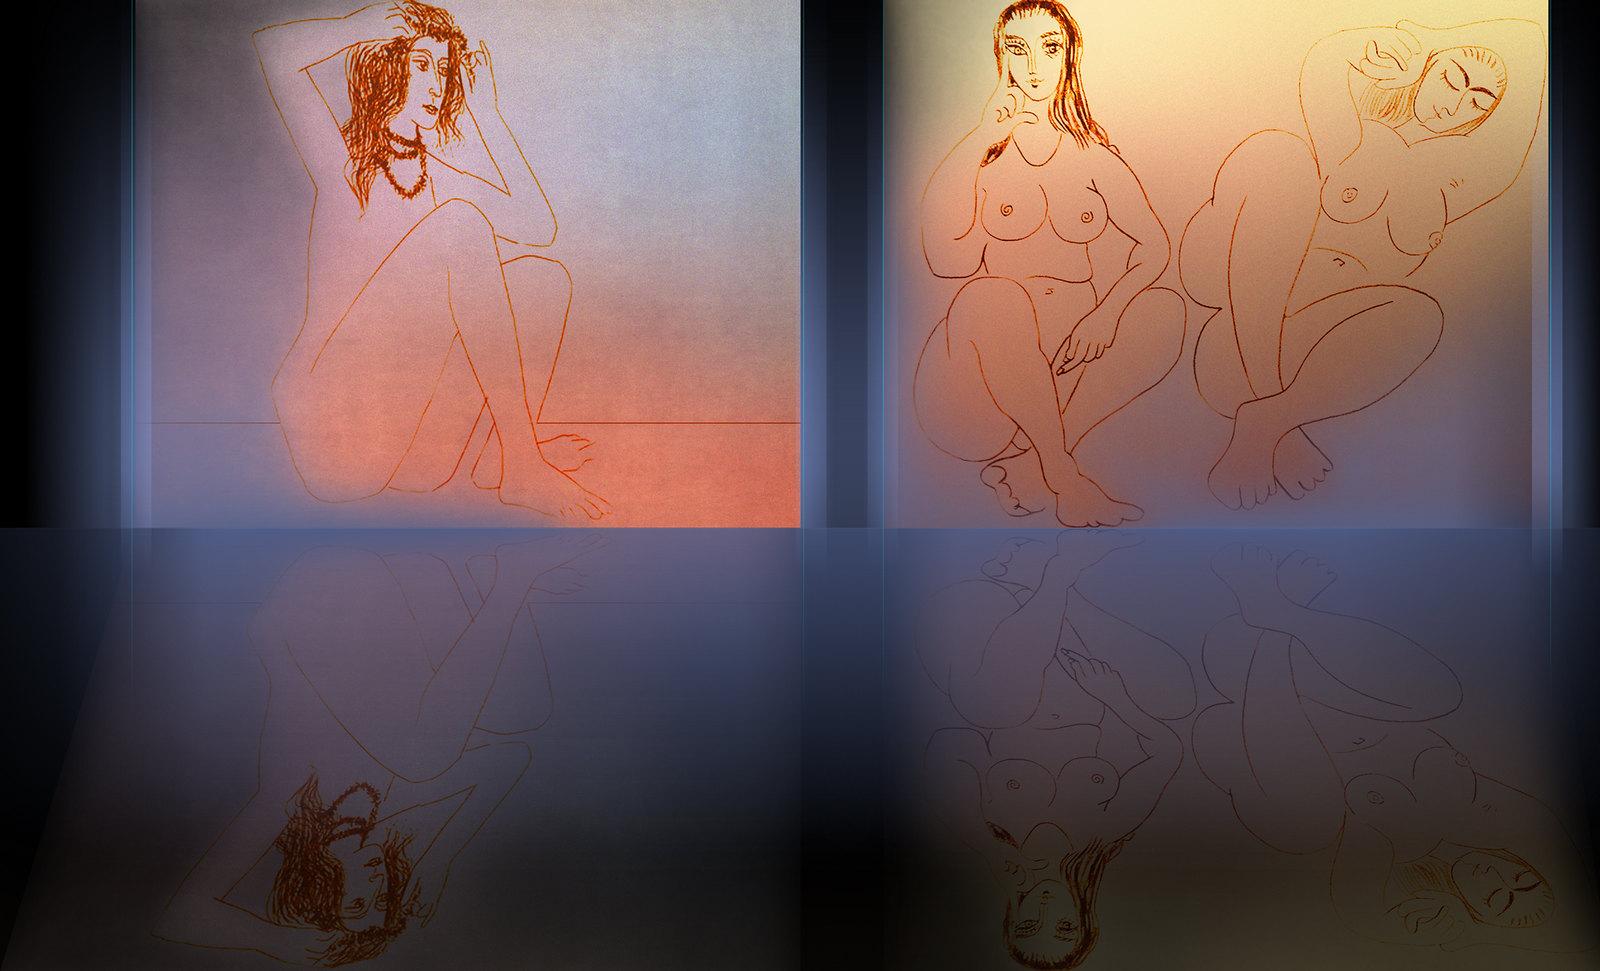 002Pablo Picasso